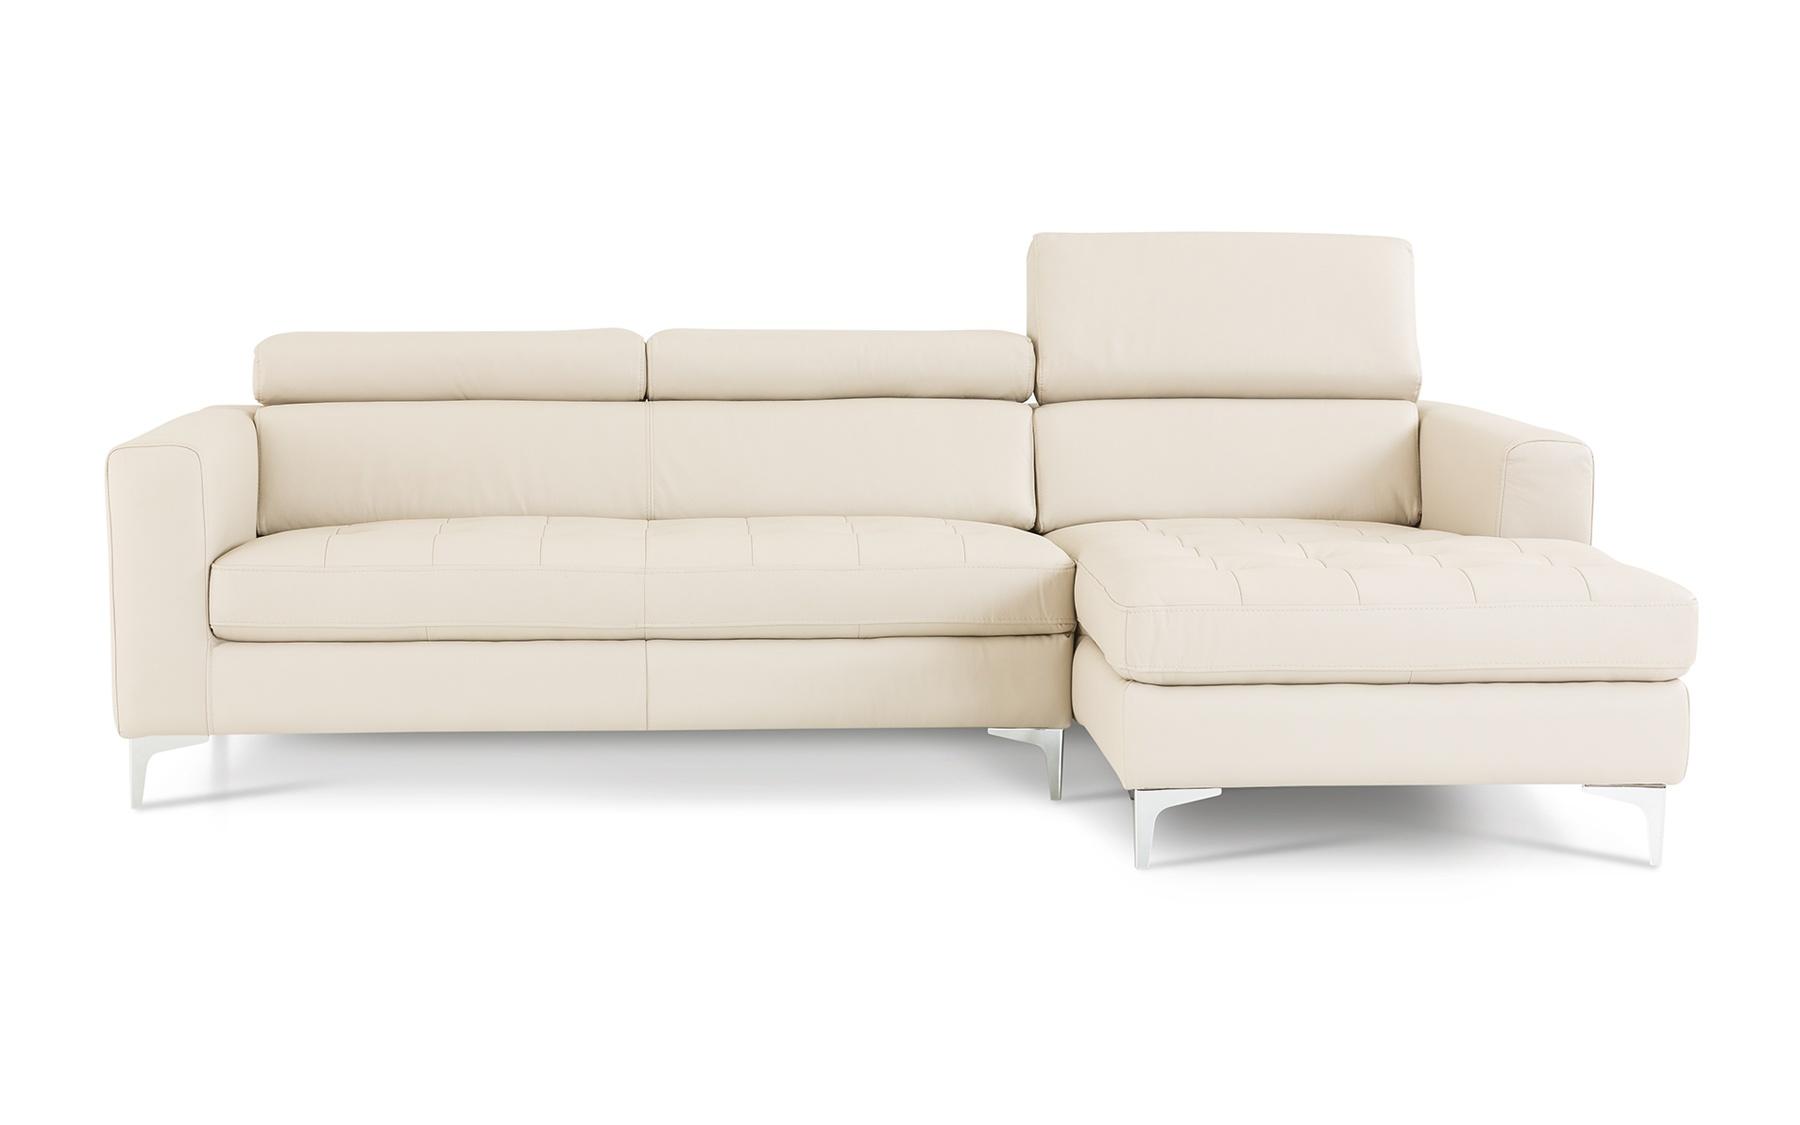 canap composable cuir c850 composables salons la. Black Bedroom Furniture Sets. Home Design Ideas